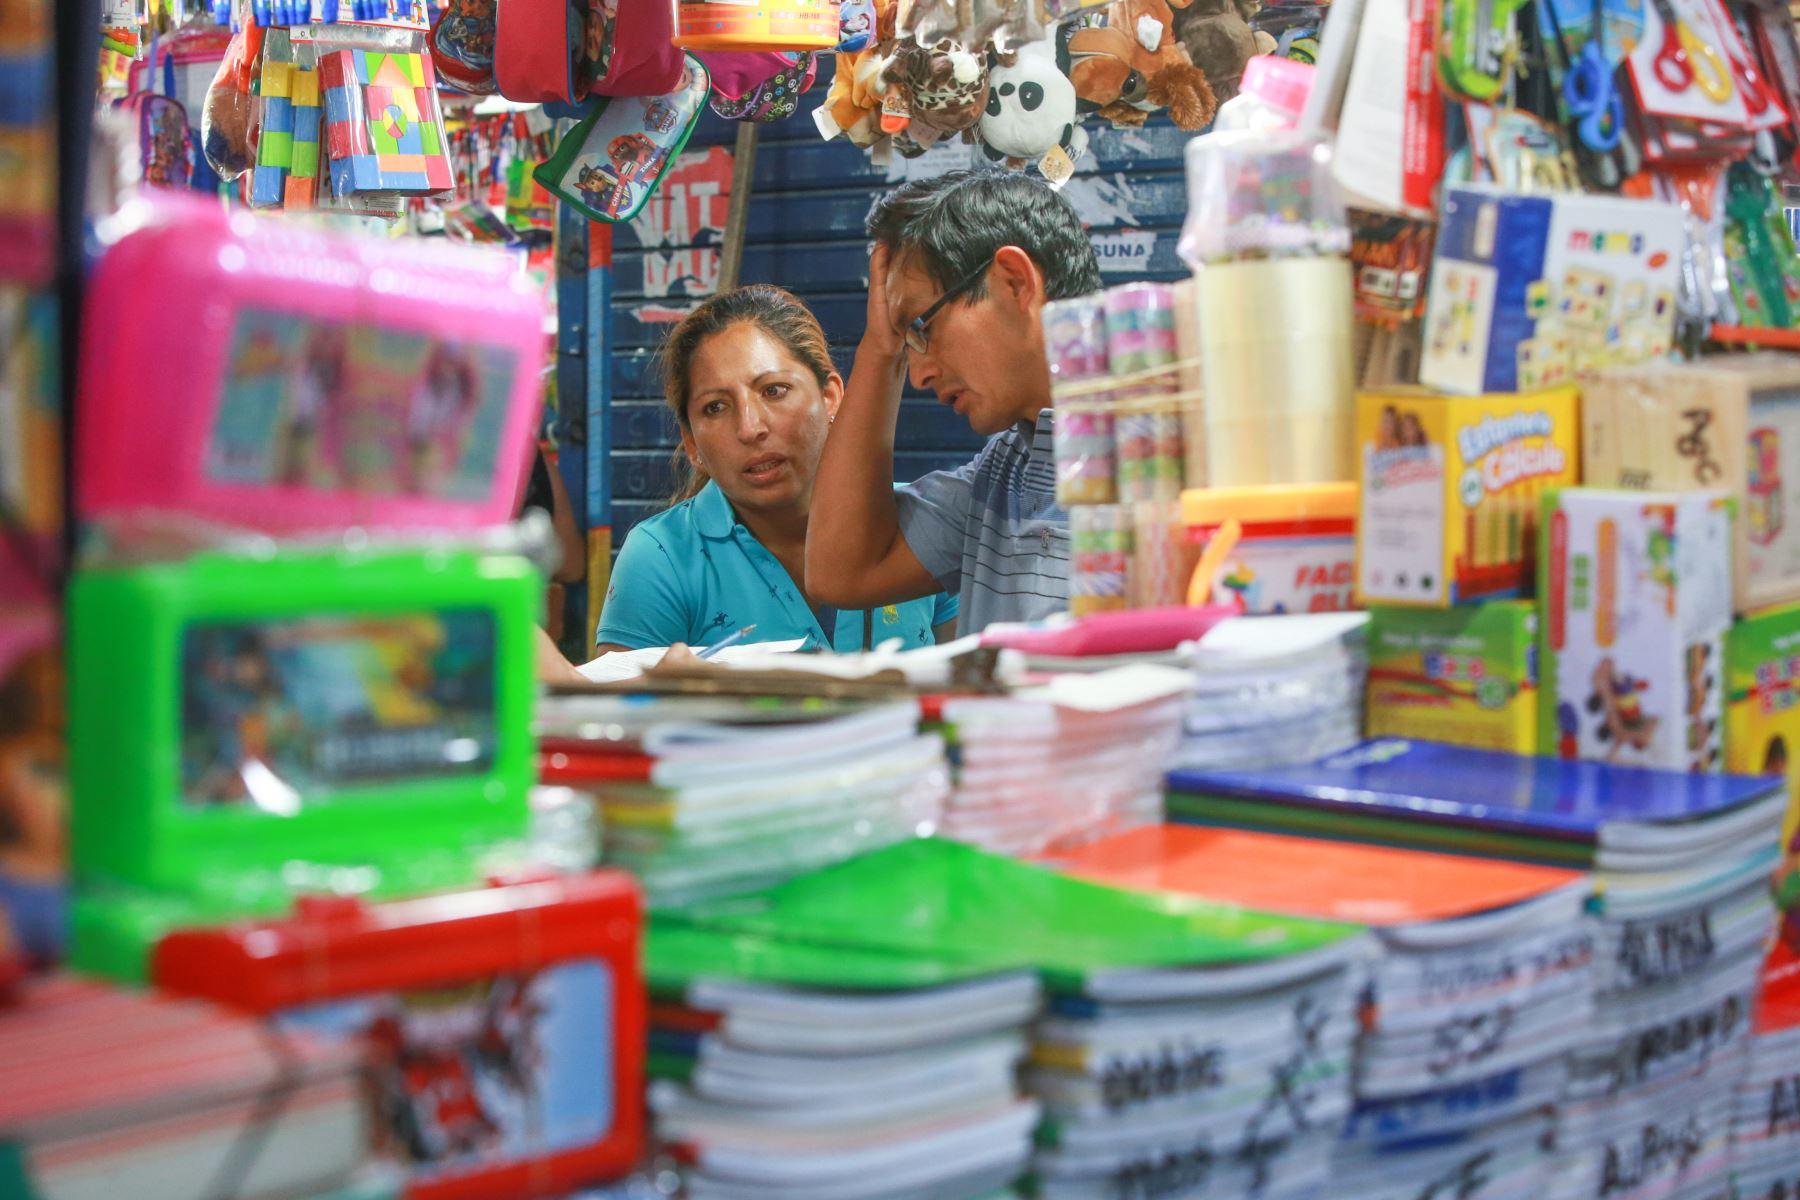 La compra de útiles escolares puede resultar un dolor de cabeza para los padres, cuyos gastos pueden alcanzar los 300 soles o más. Foto: ANDINA/ Jhony Laurente